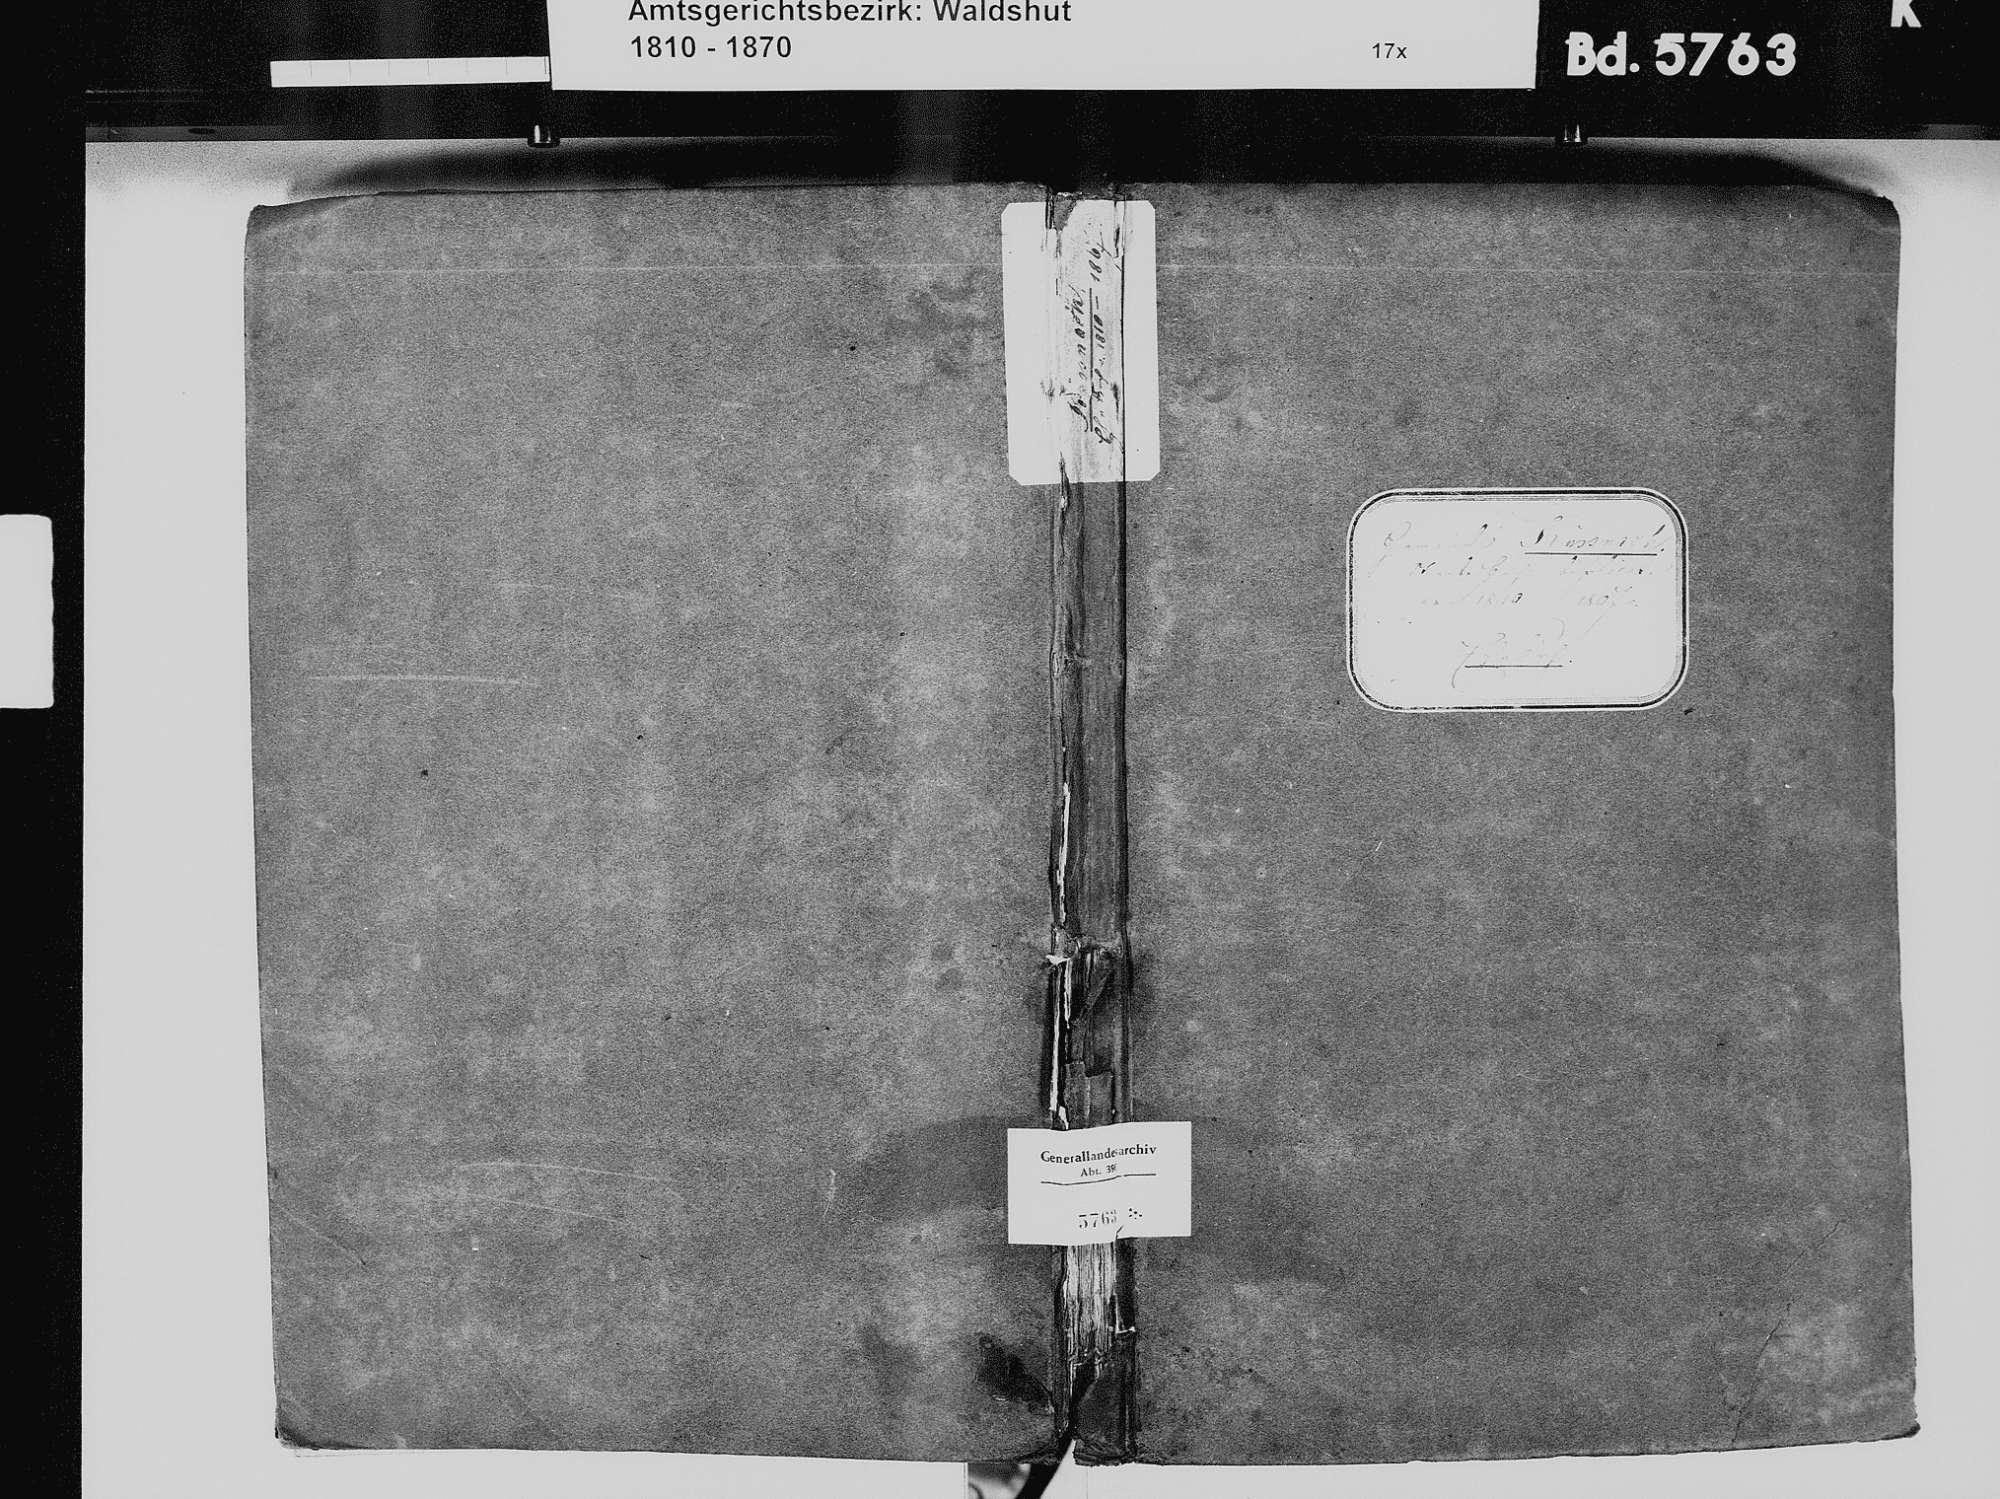 Küßnach, Küssaberg WT; Katholische Gemeinde: Heiratsbuch 1810-1869 Küßnach, Küssaberg WT; Katholische Gemeinde: Sterbebuch 18234, 1836, Bild 2